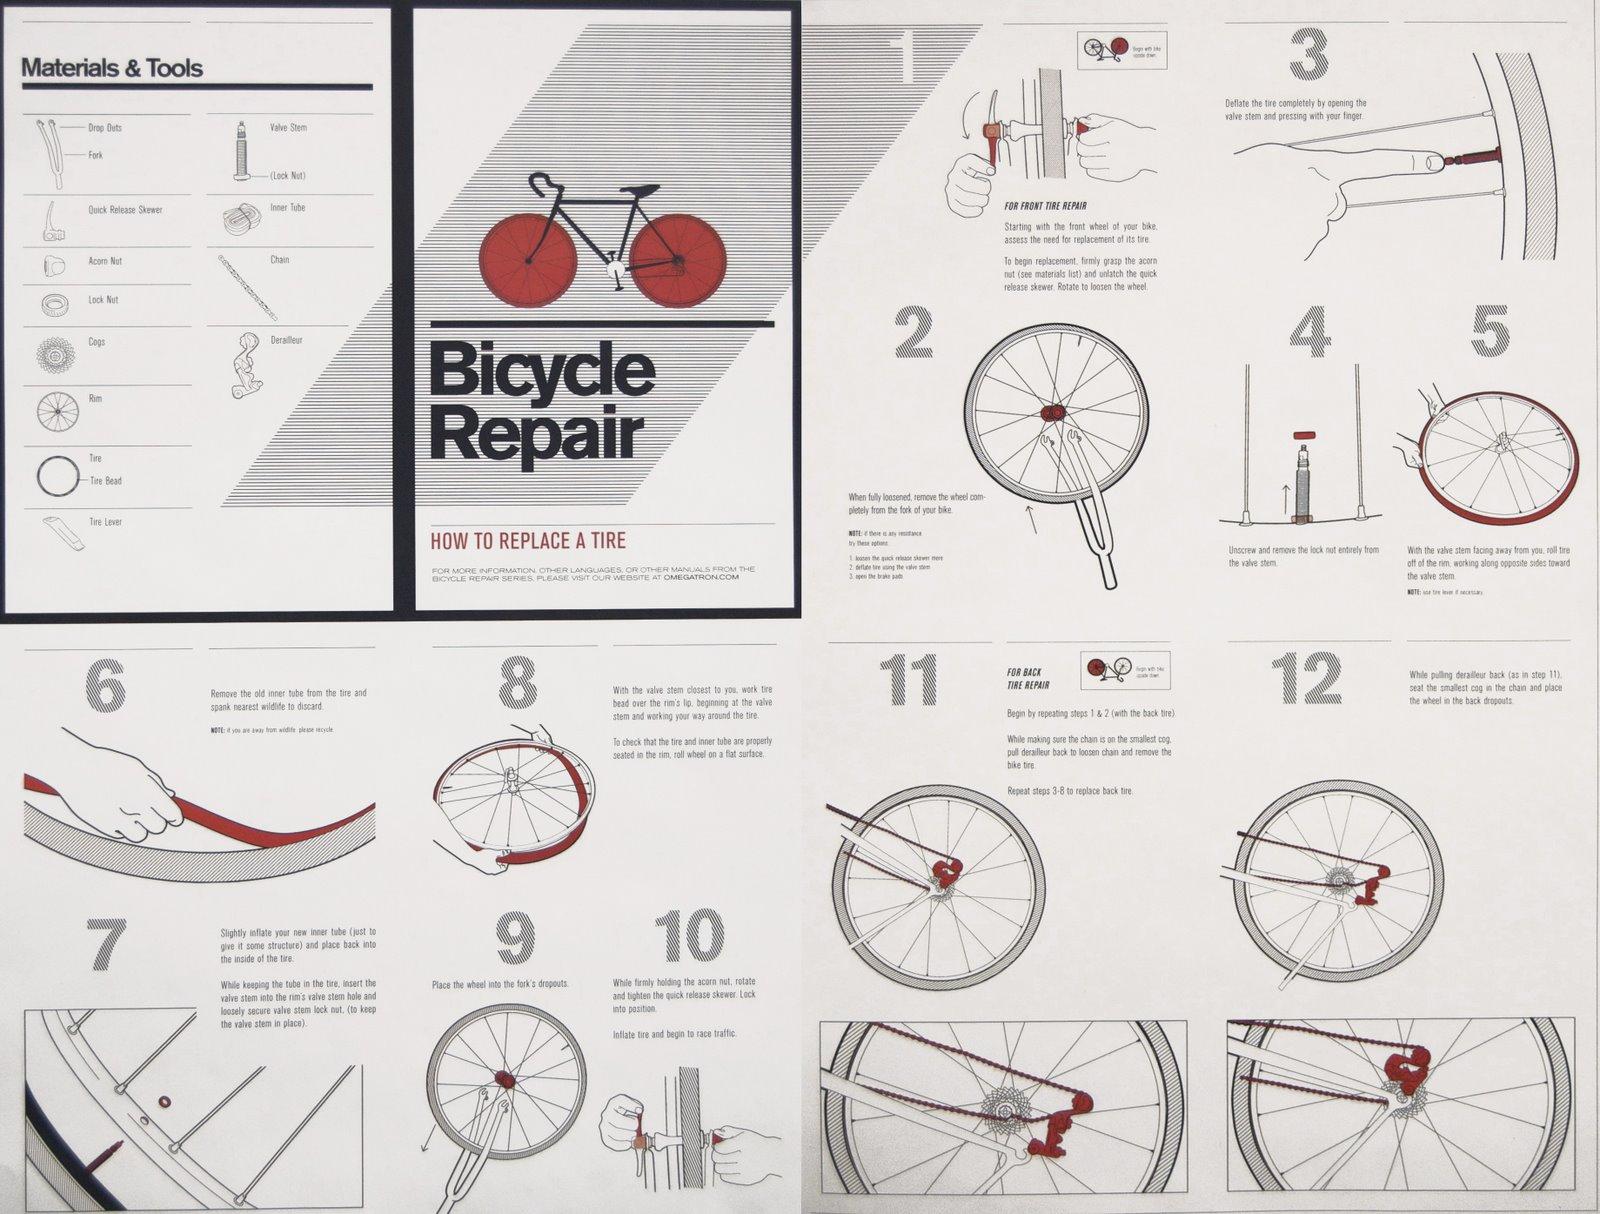 [bikeManual.jpg]